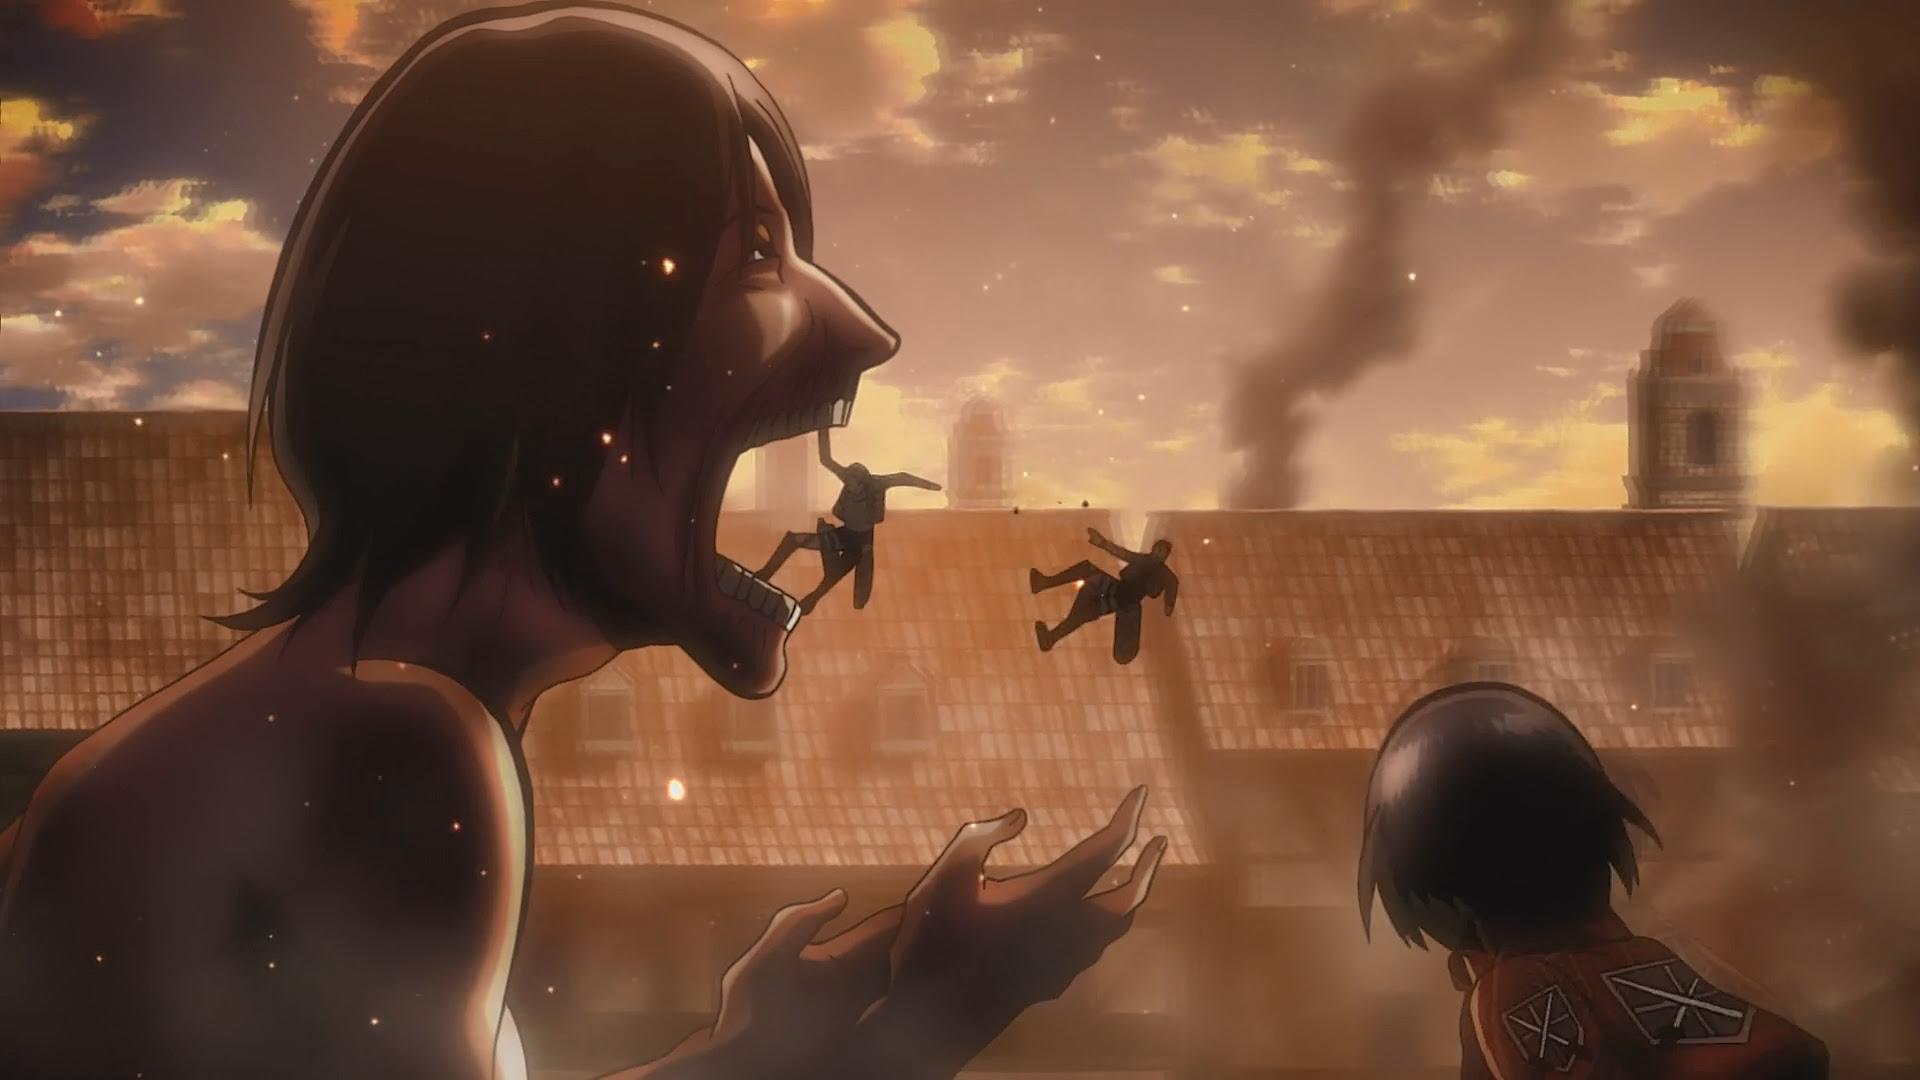 Latest Attack On Titan Season 3 Part 2 Wallpaper - 4k ...